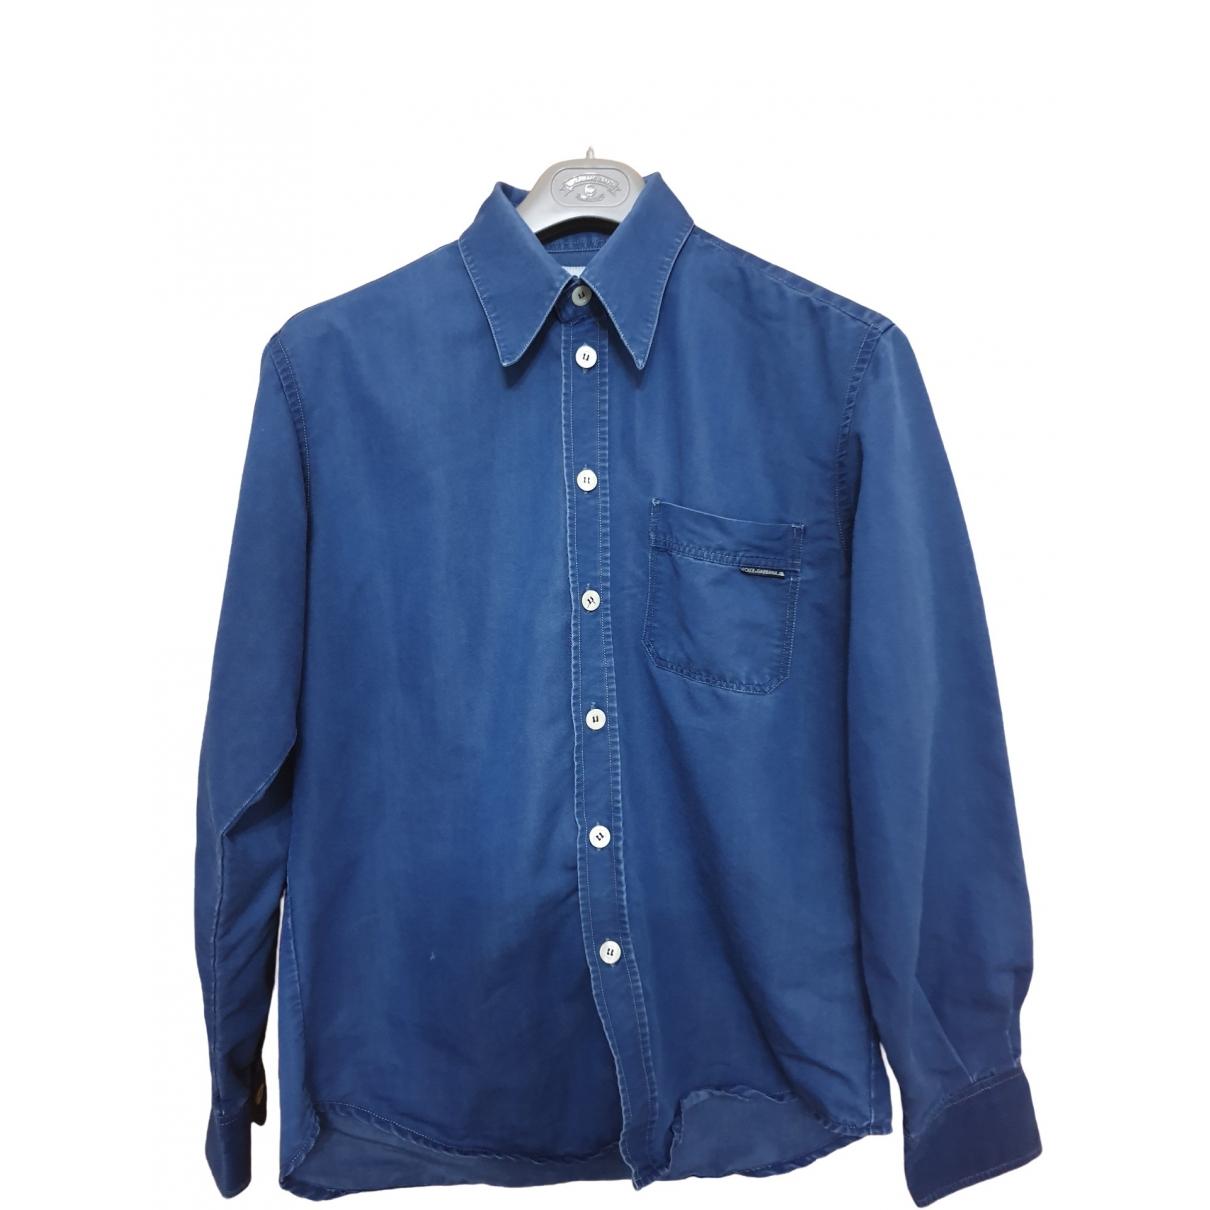 Dolce & Gabbana - Chemises   pour homme - bleu